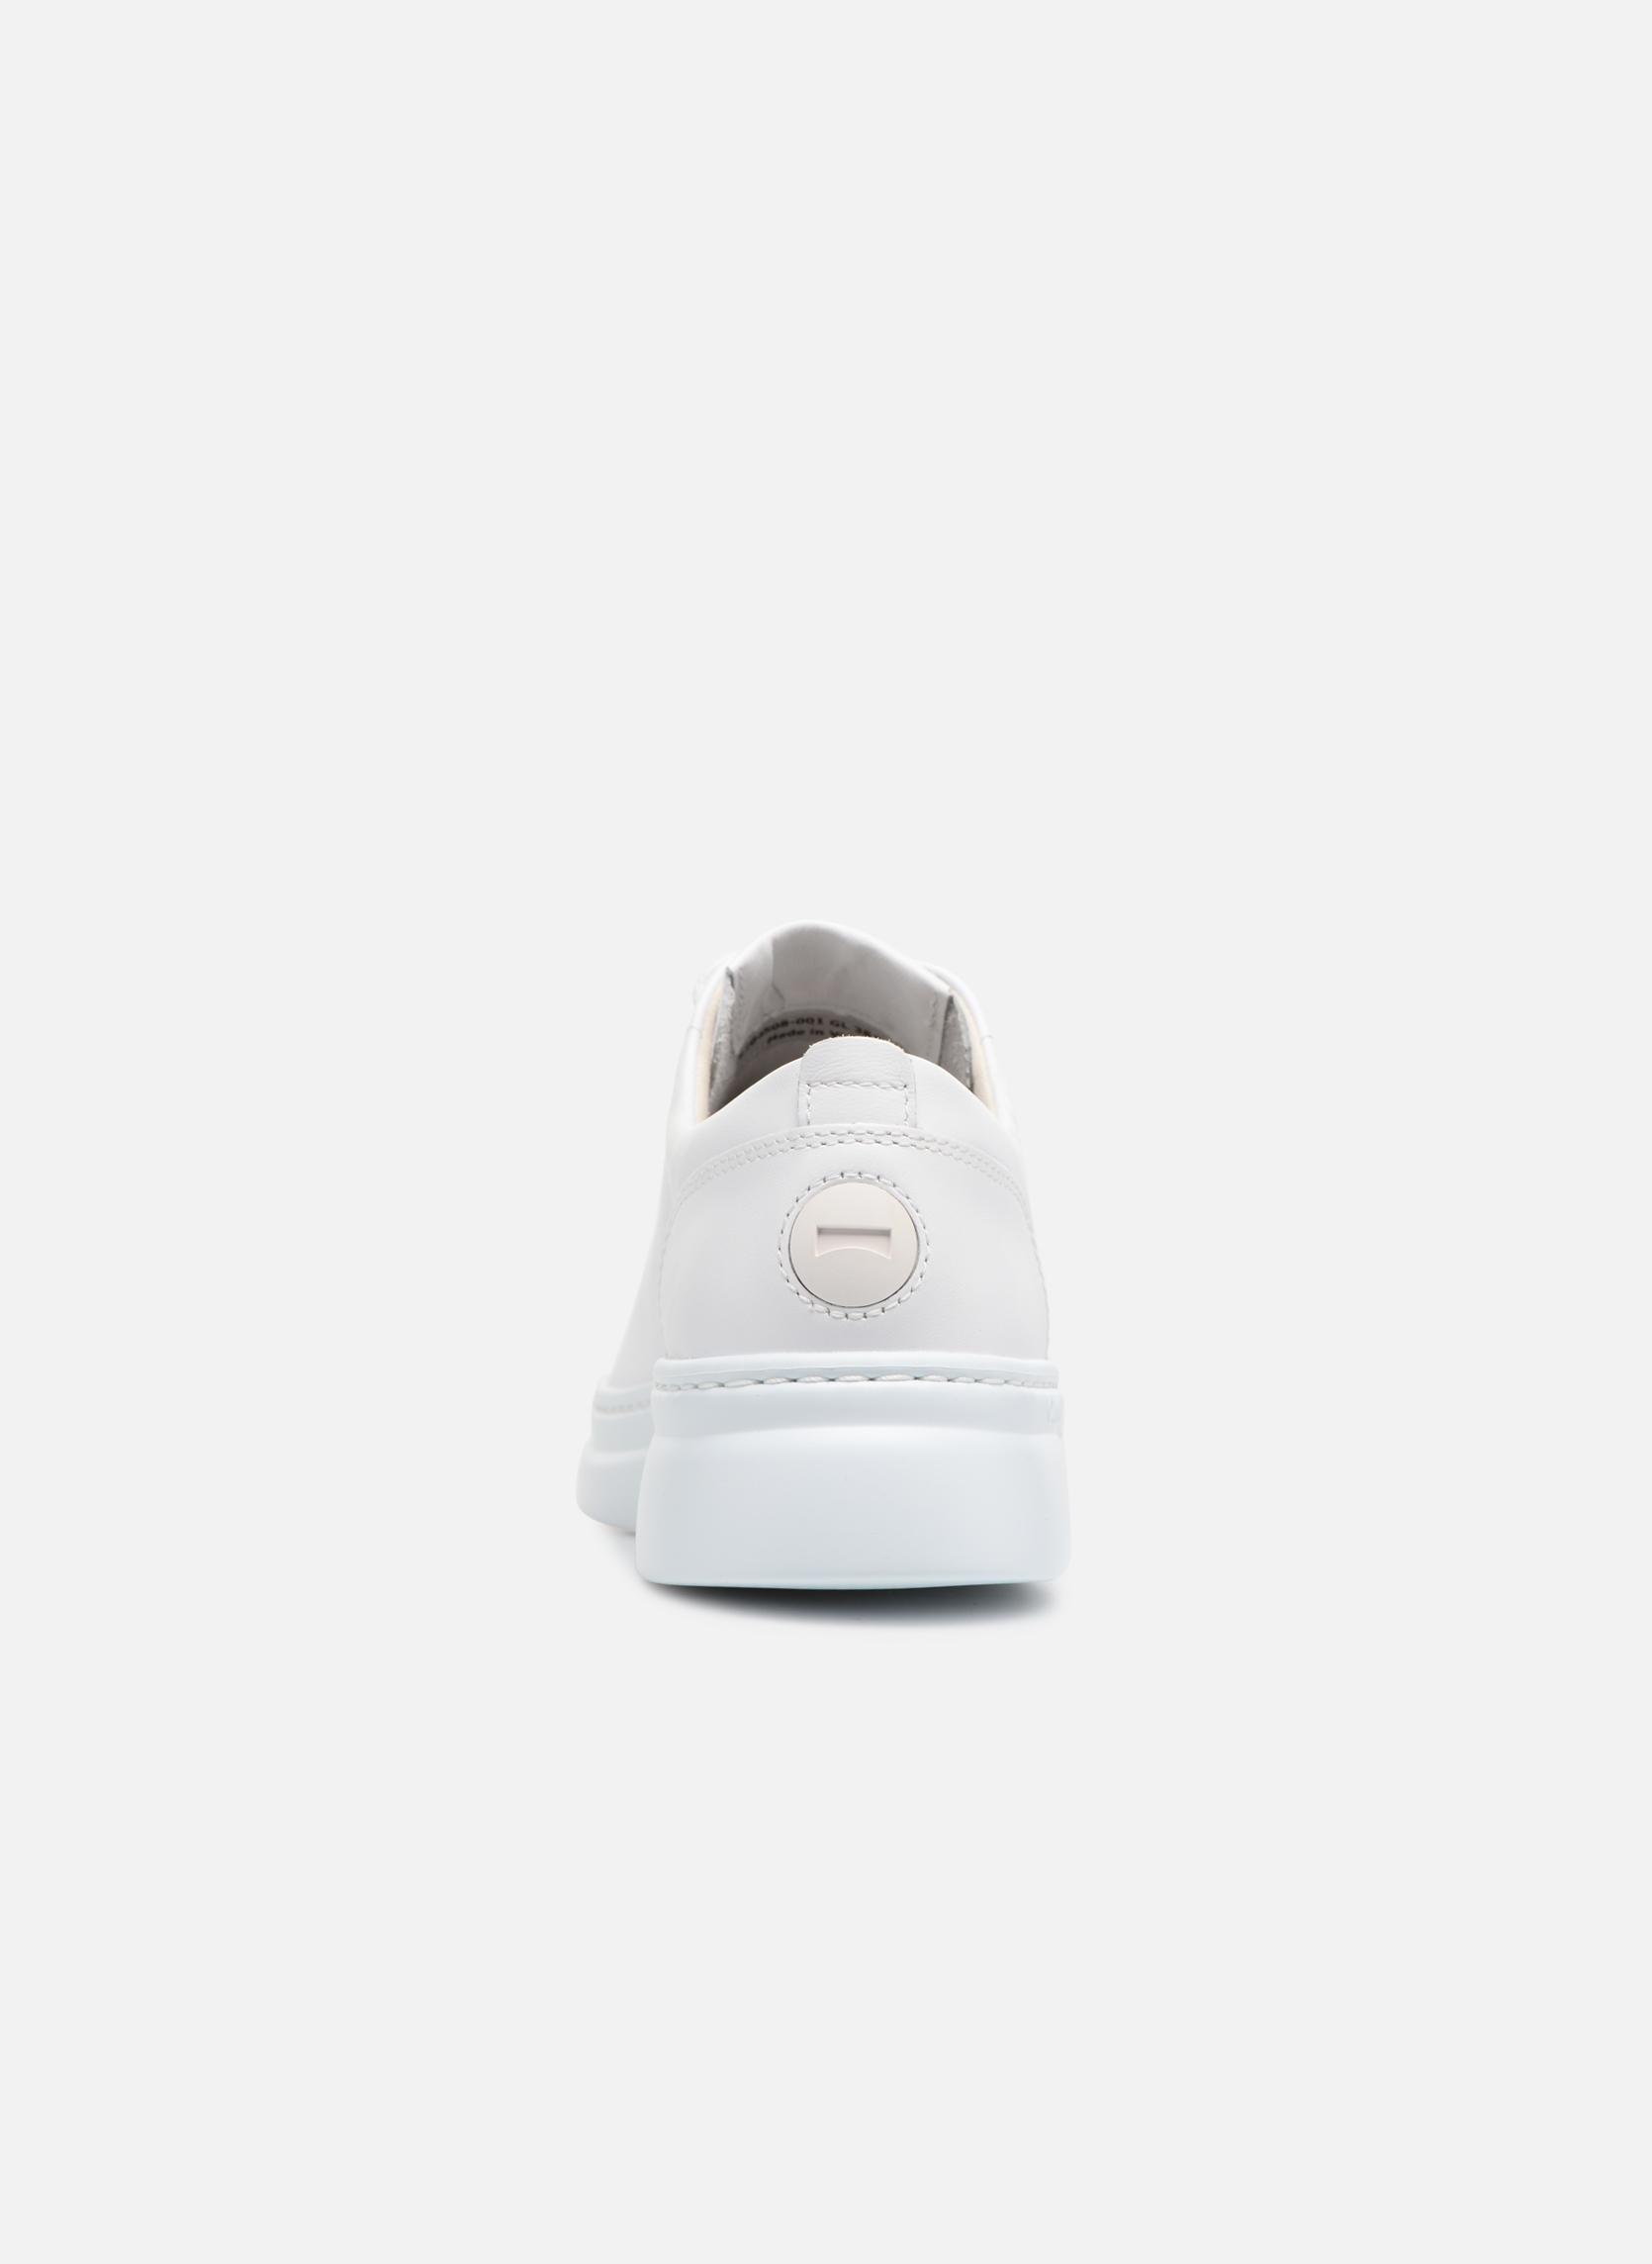 Runner K200508 White Natural